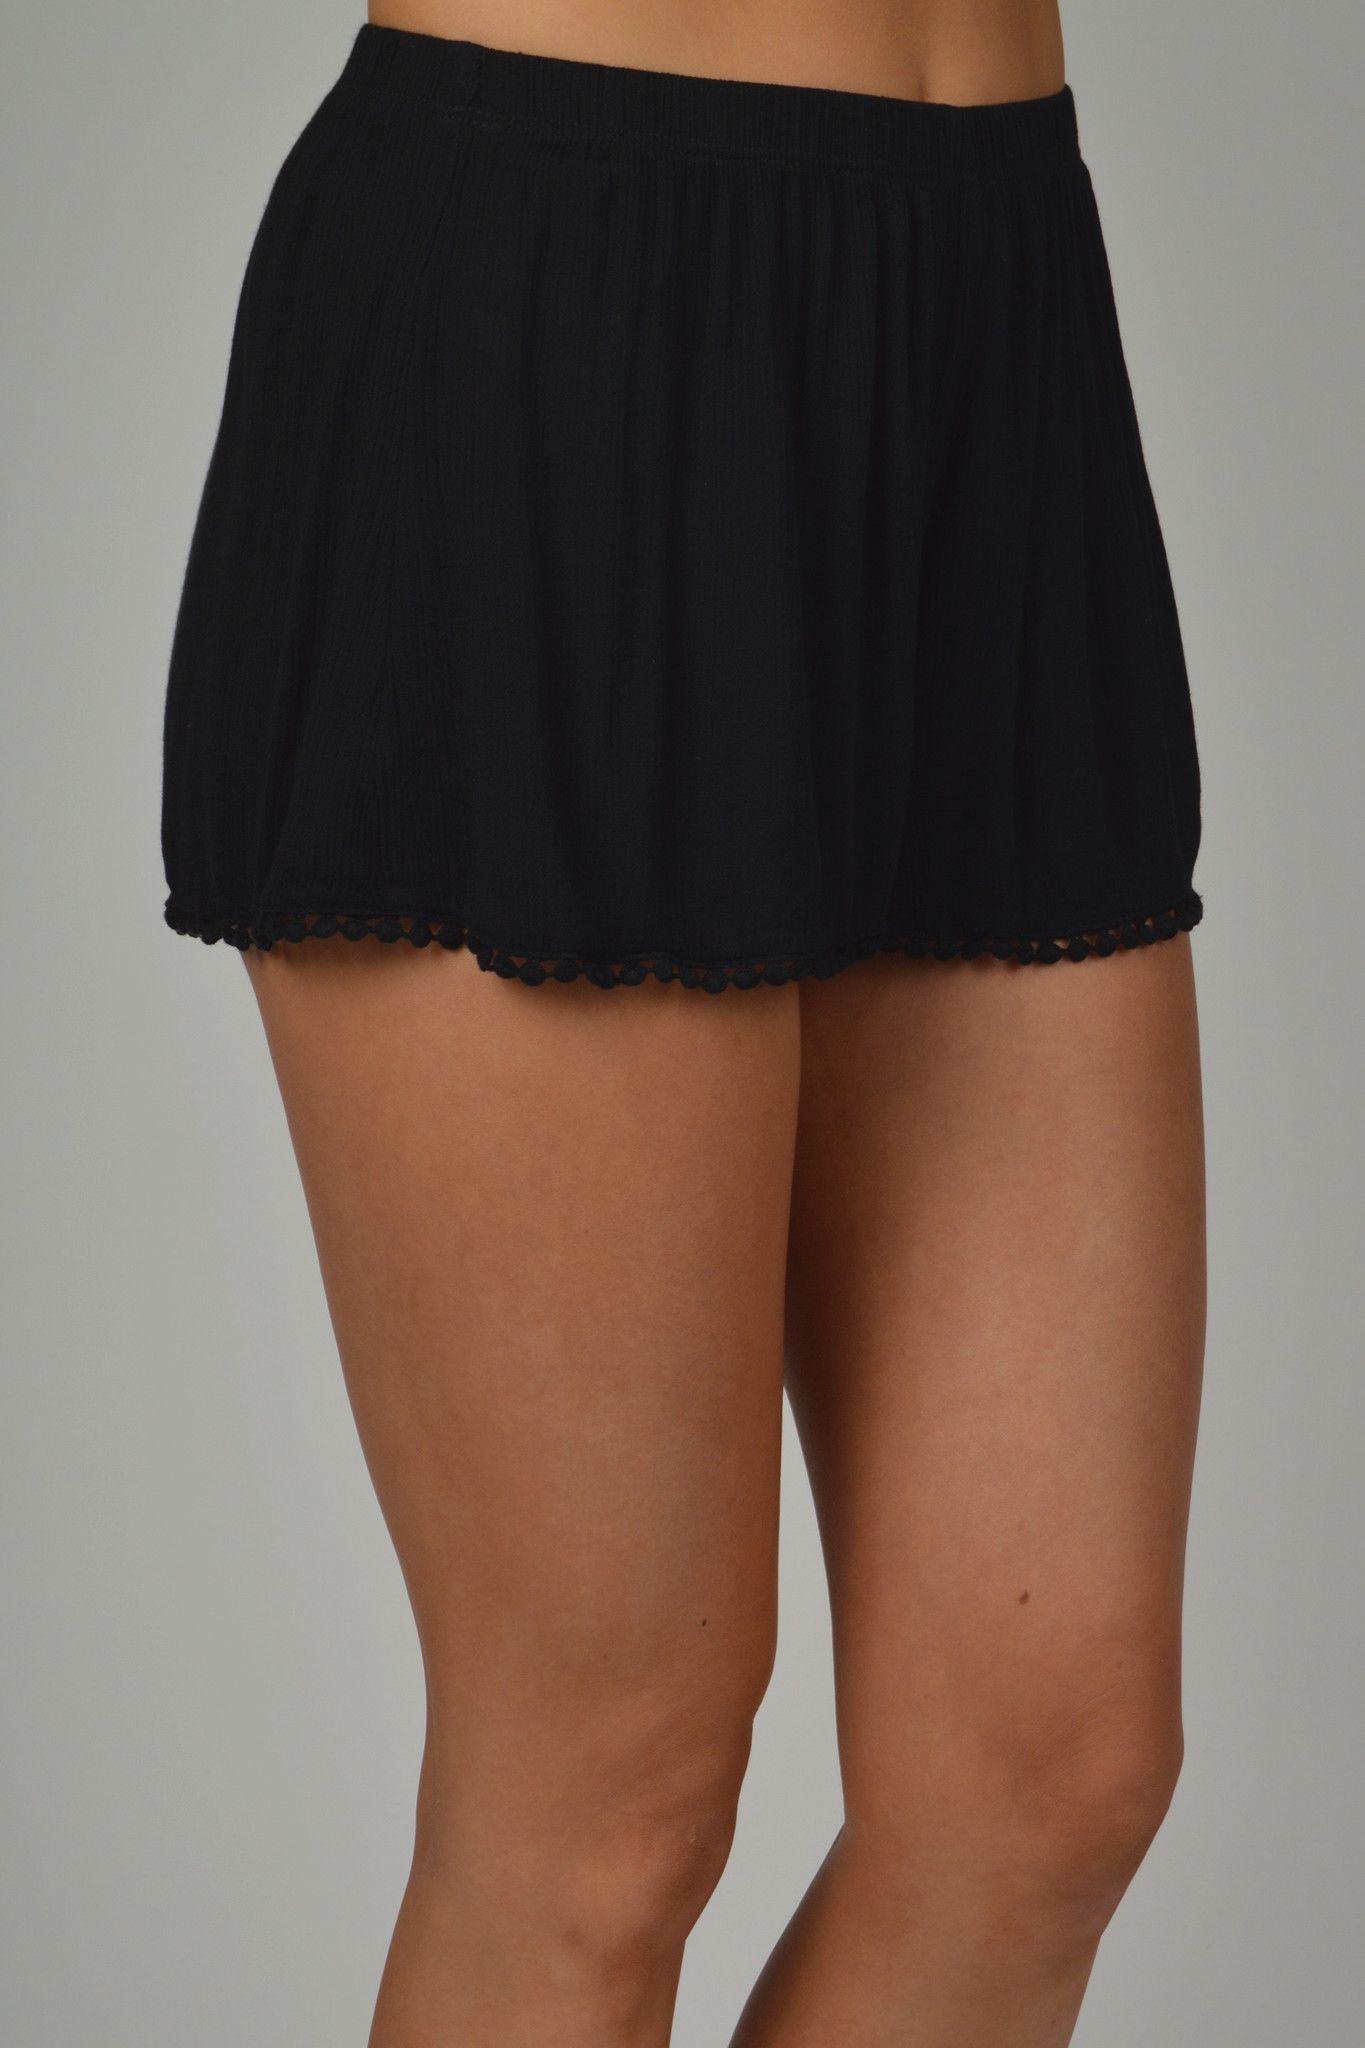 Black Shorts With Pom Pom Lace Trim